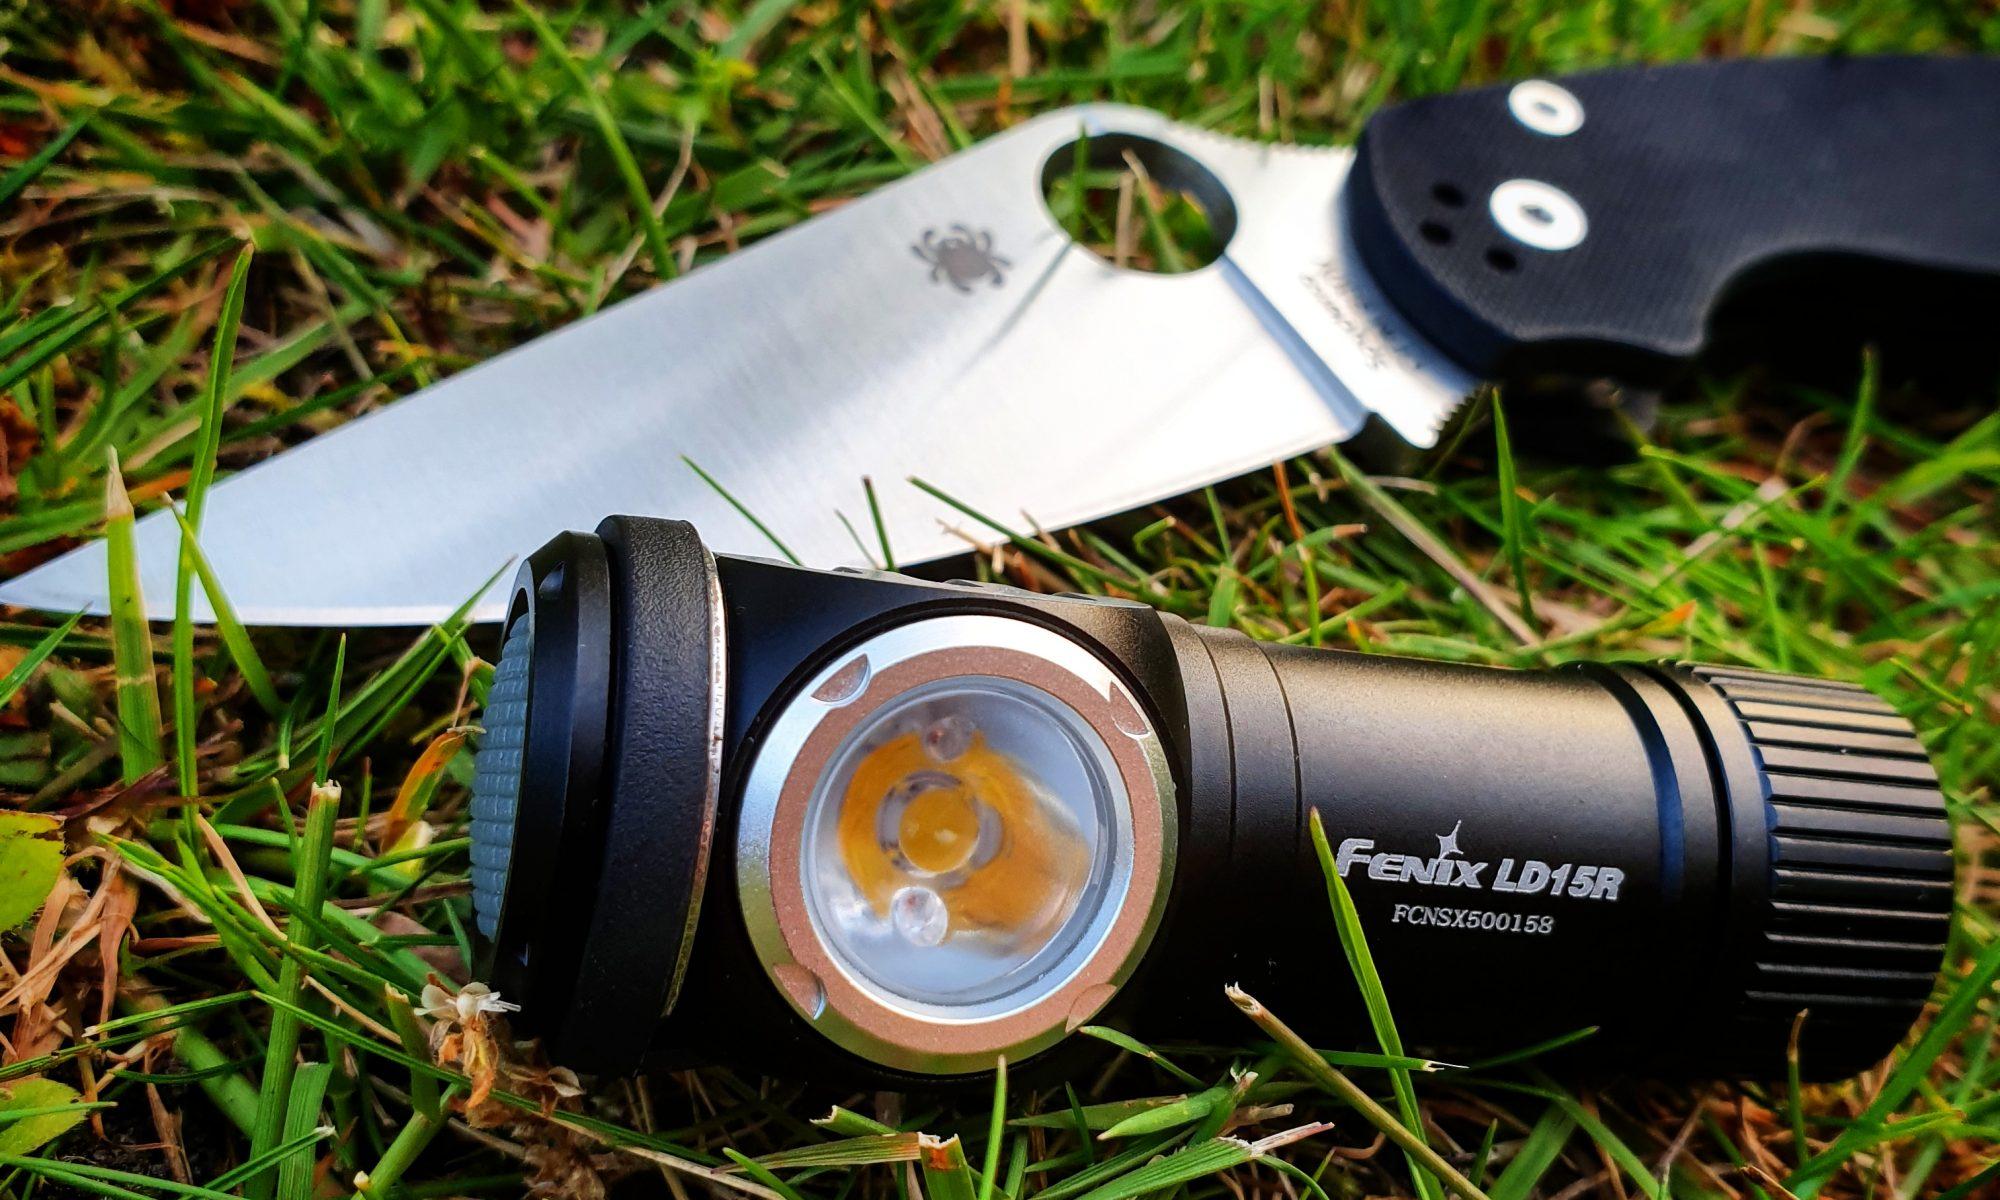 Fenix LD15R